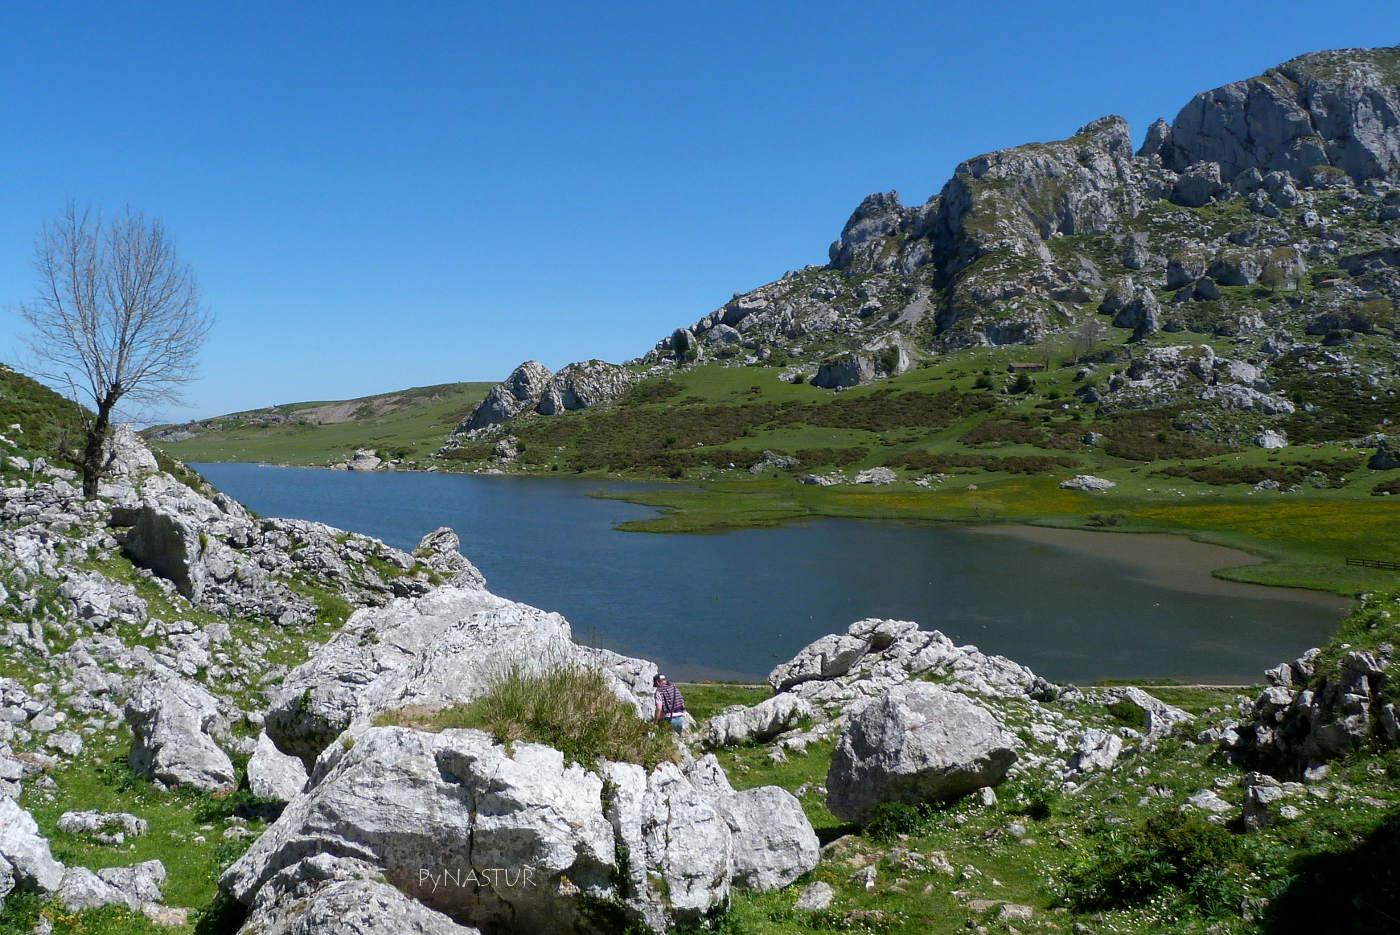 Lago Ercina - Parque Nacional Picos de Europa